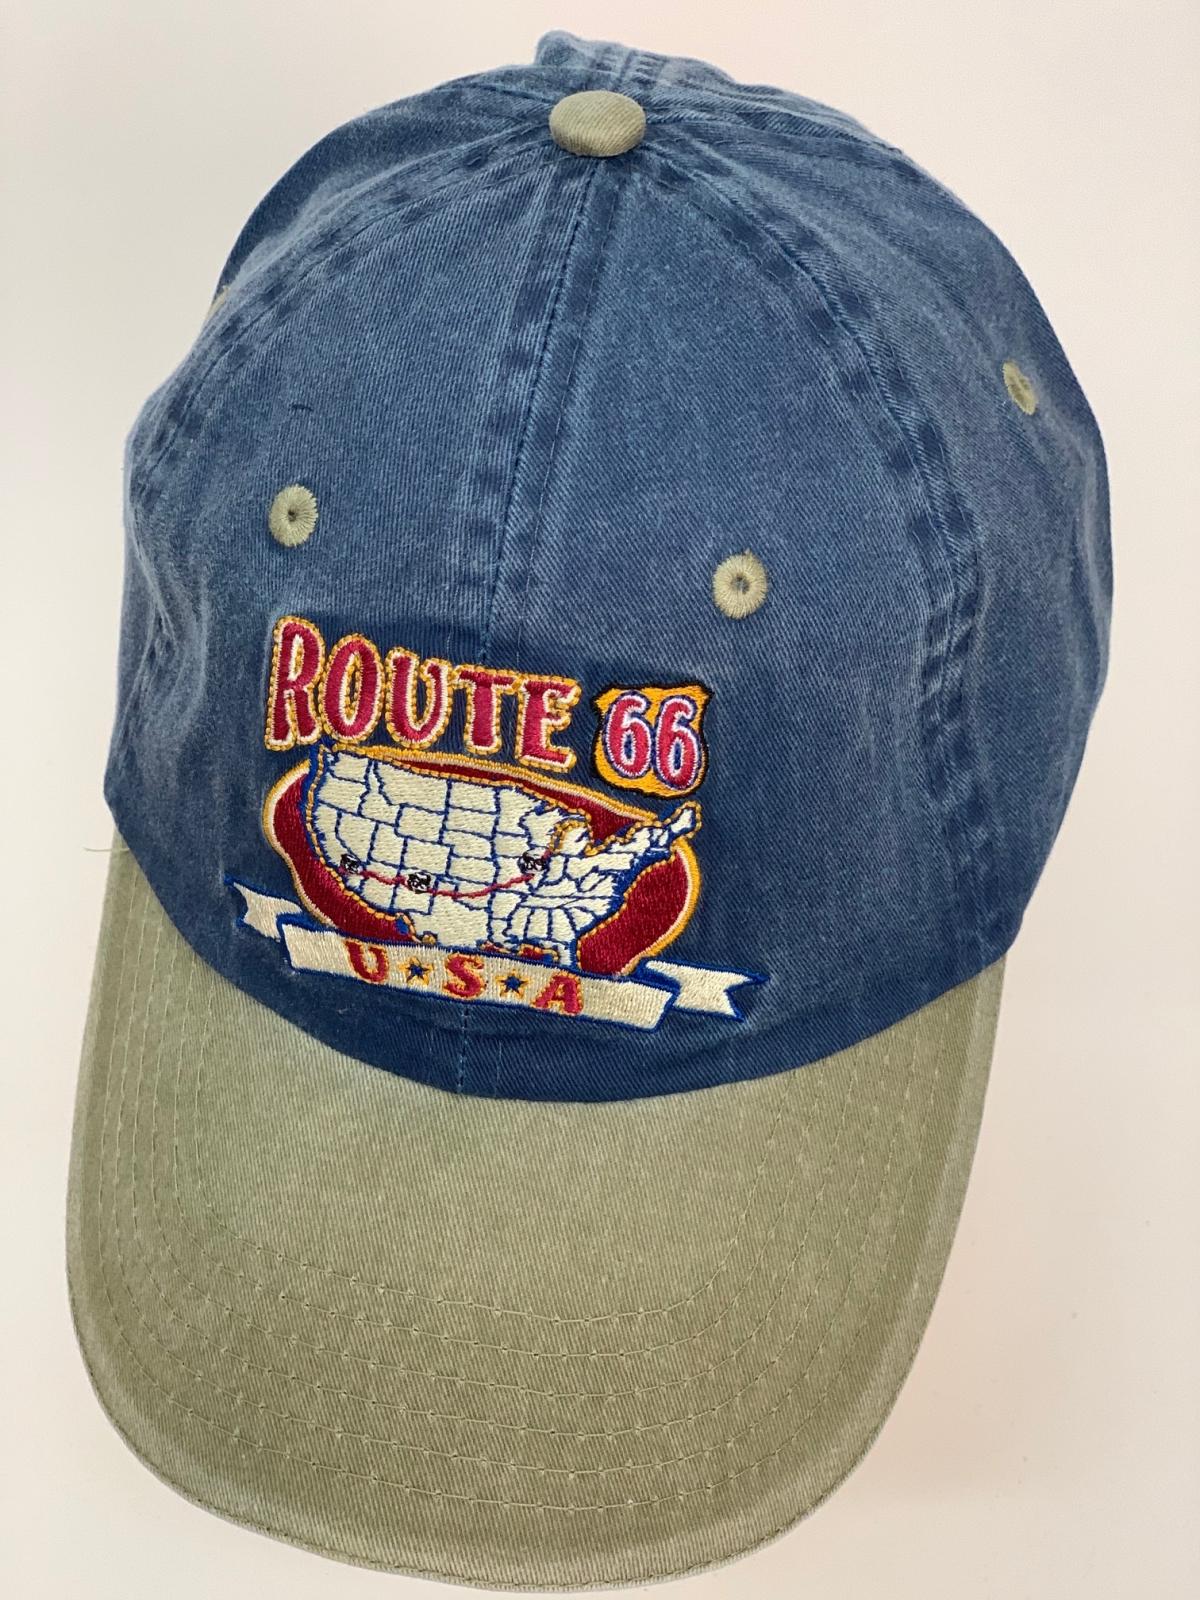 Бейсболка Route 66 из джинсовой ткани